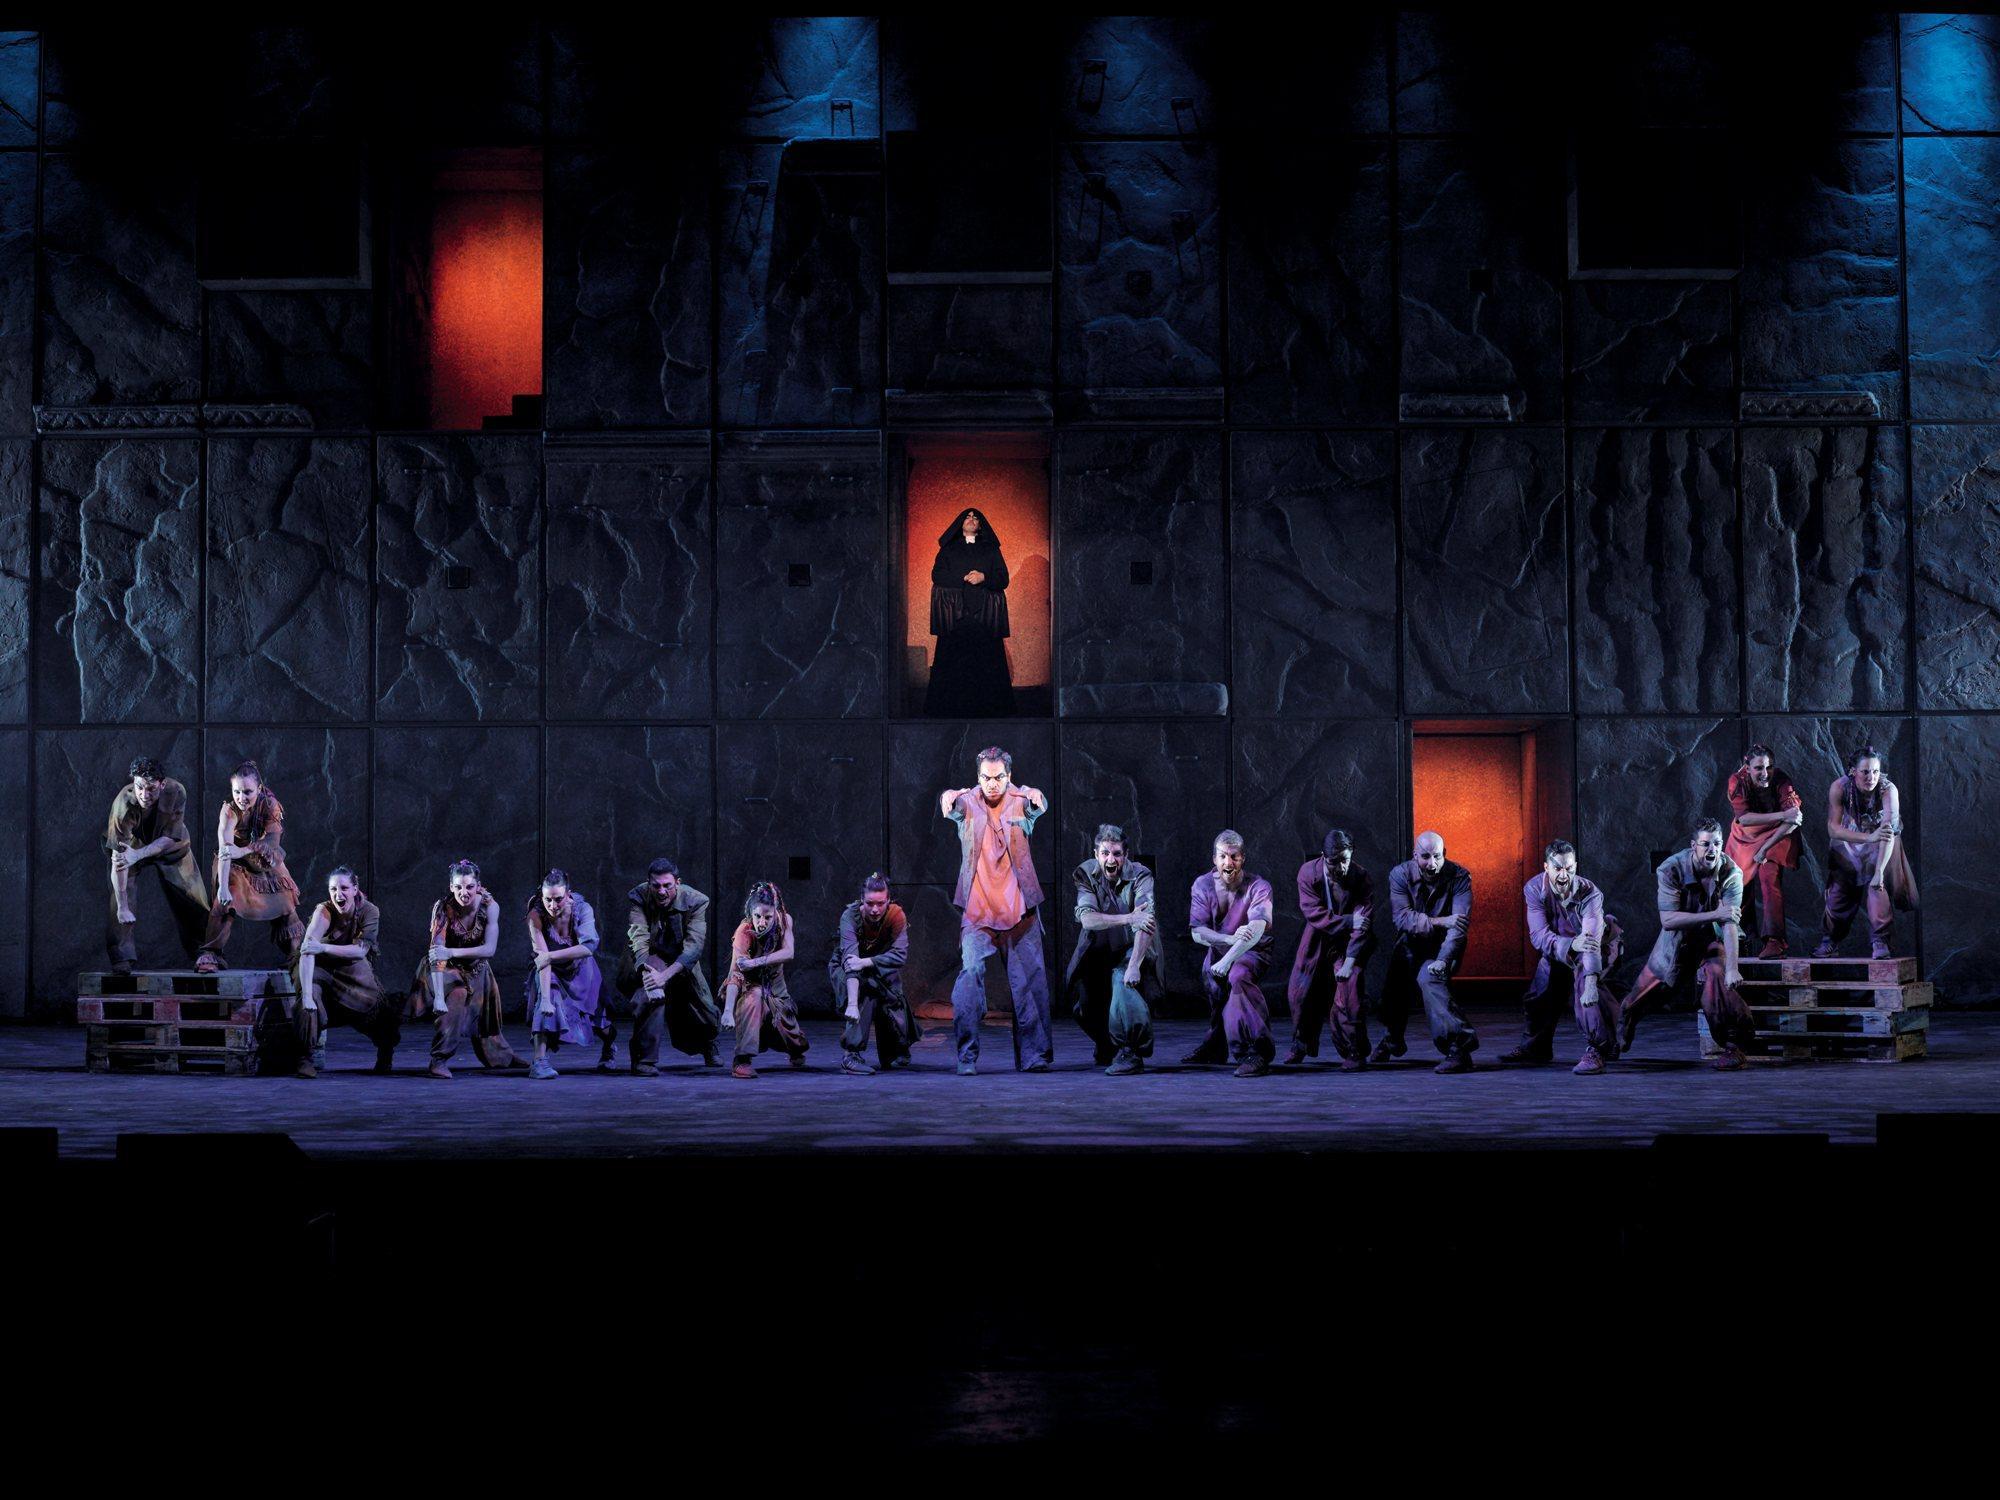 Torna nei teatri  Notre Dame de Paris , il musical kolossal di Riccardo Cocciante